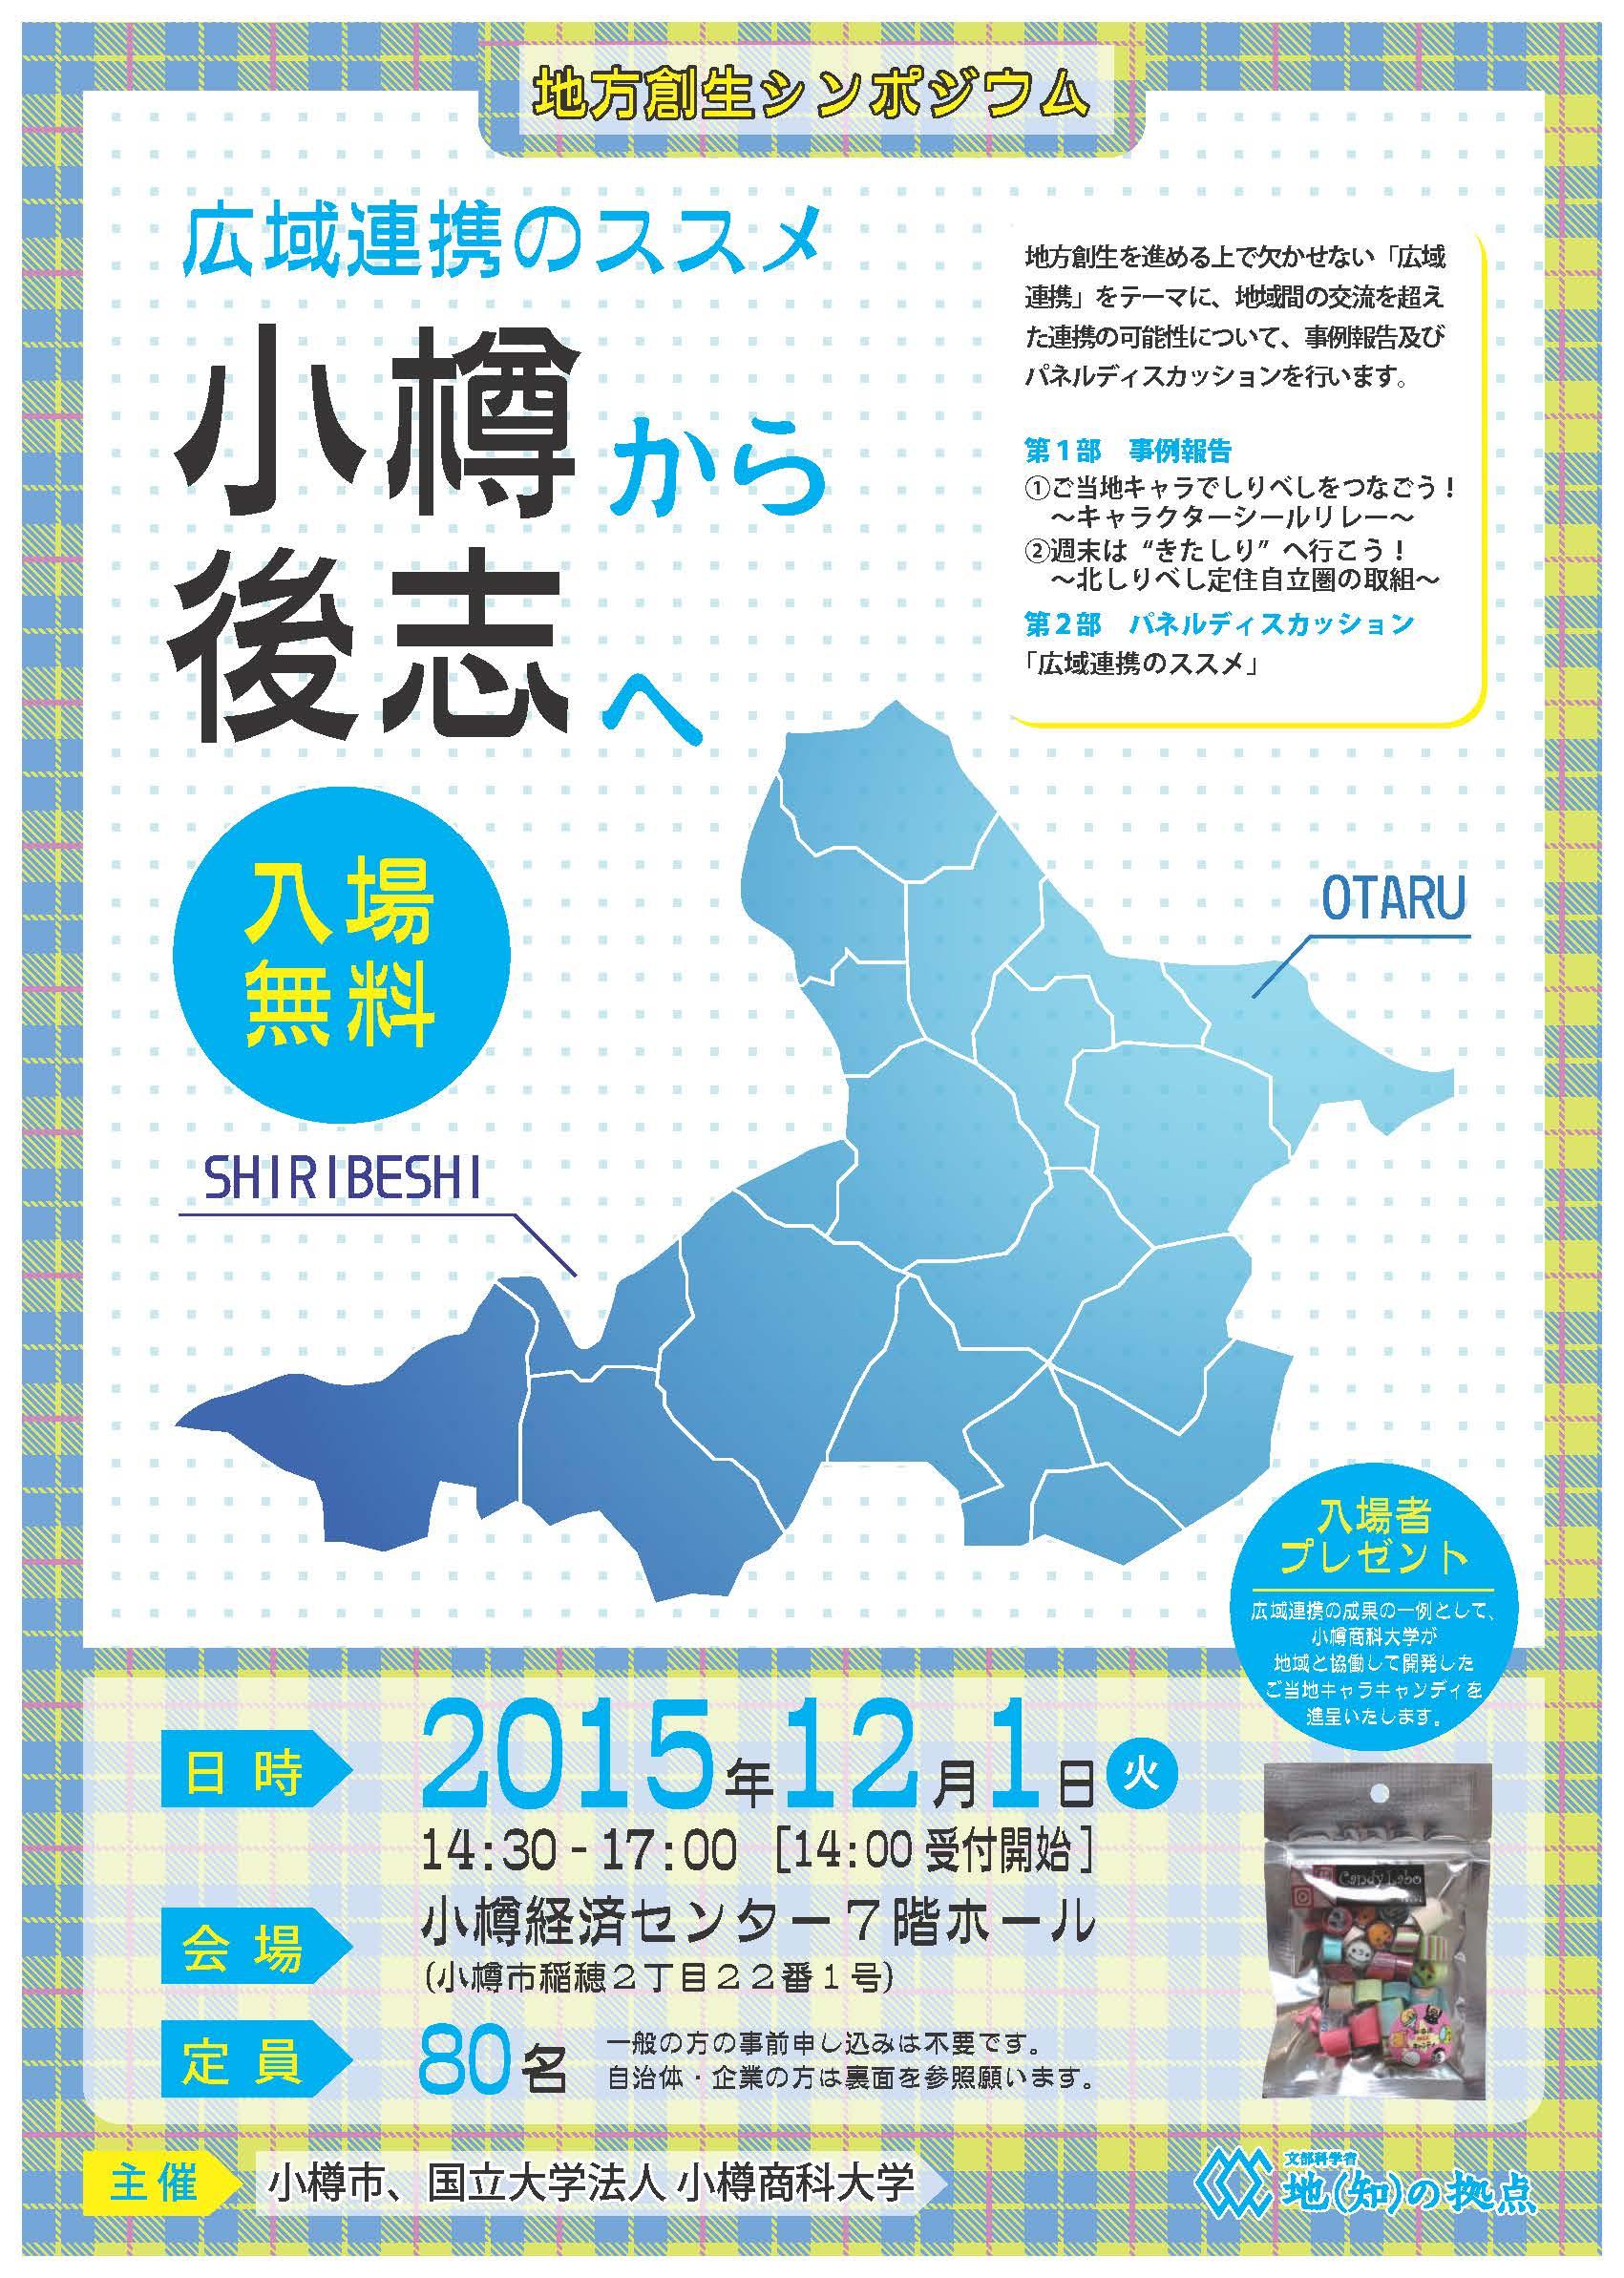 20151201sympo_1.jpg